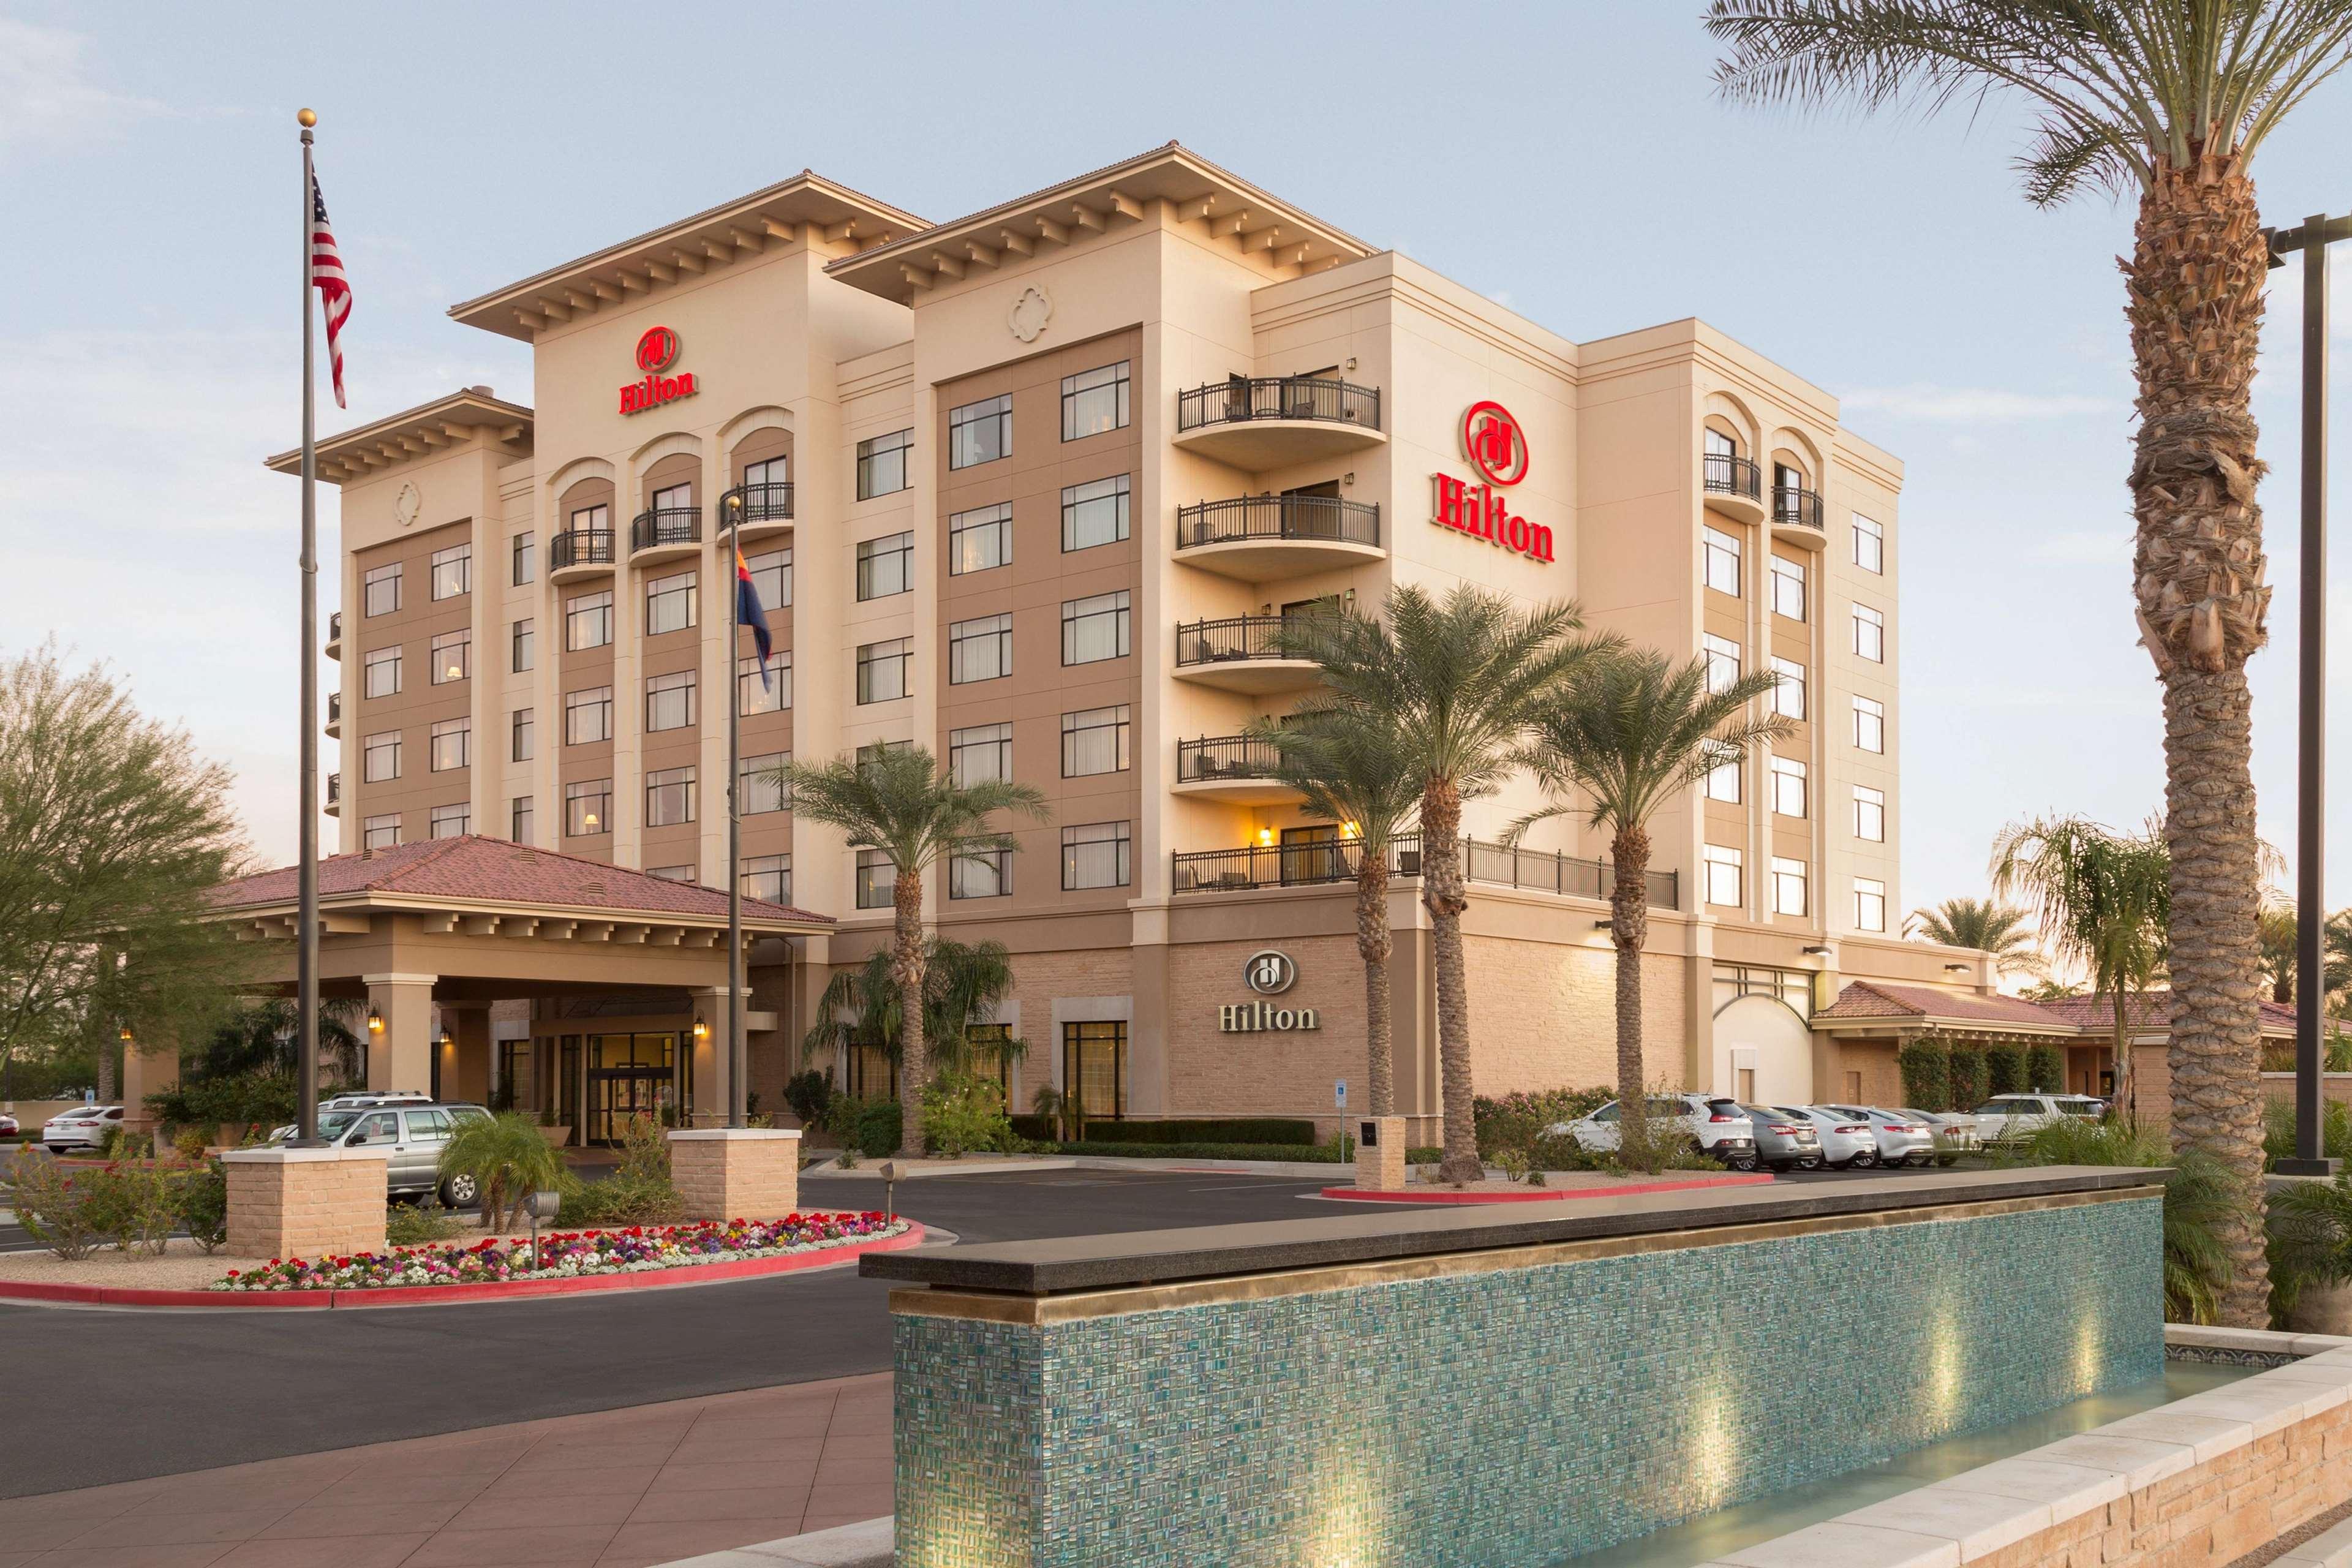 Hotels near chandler fashion center 66